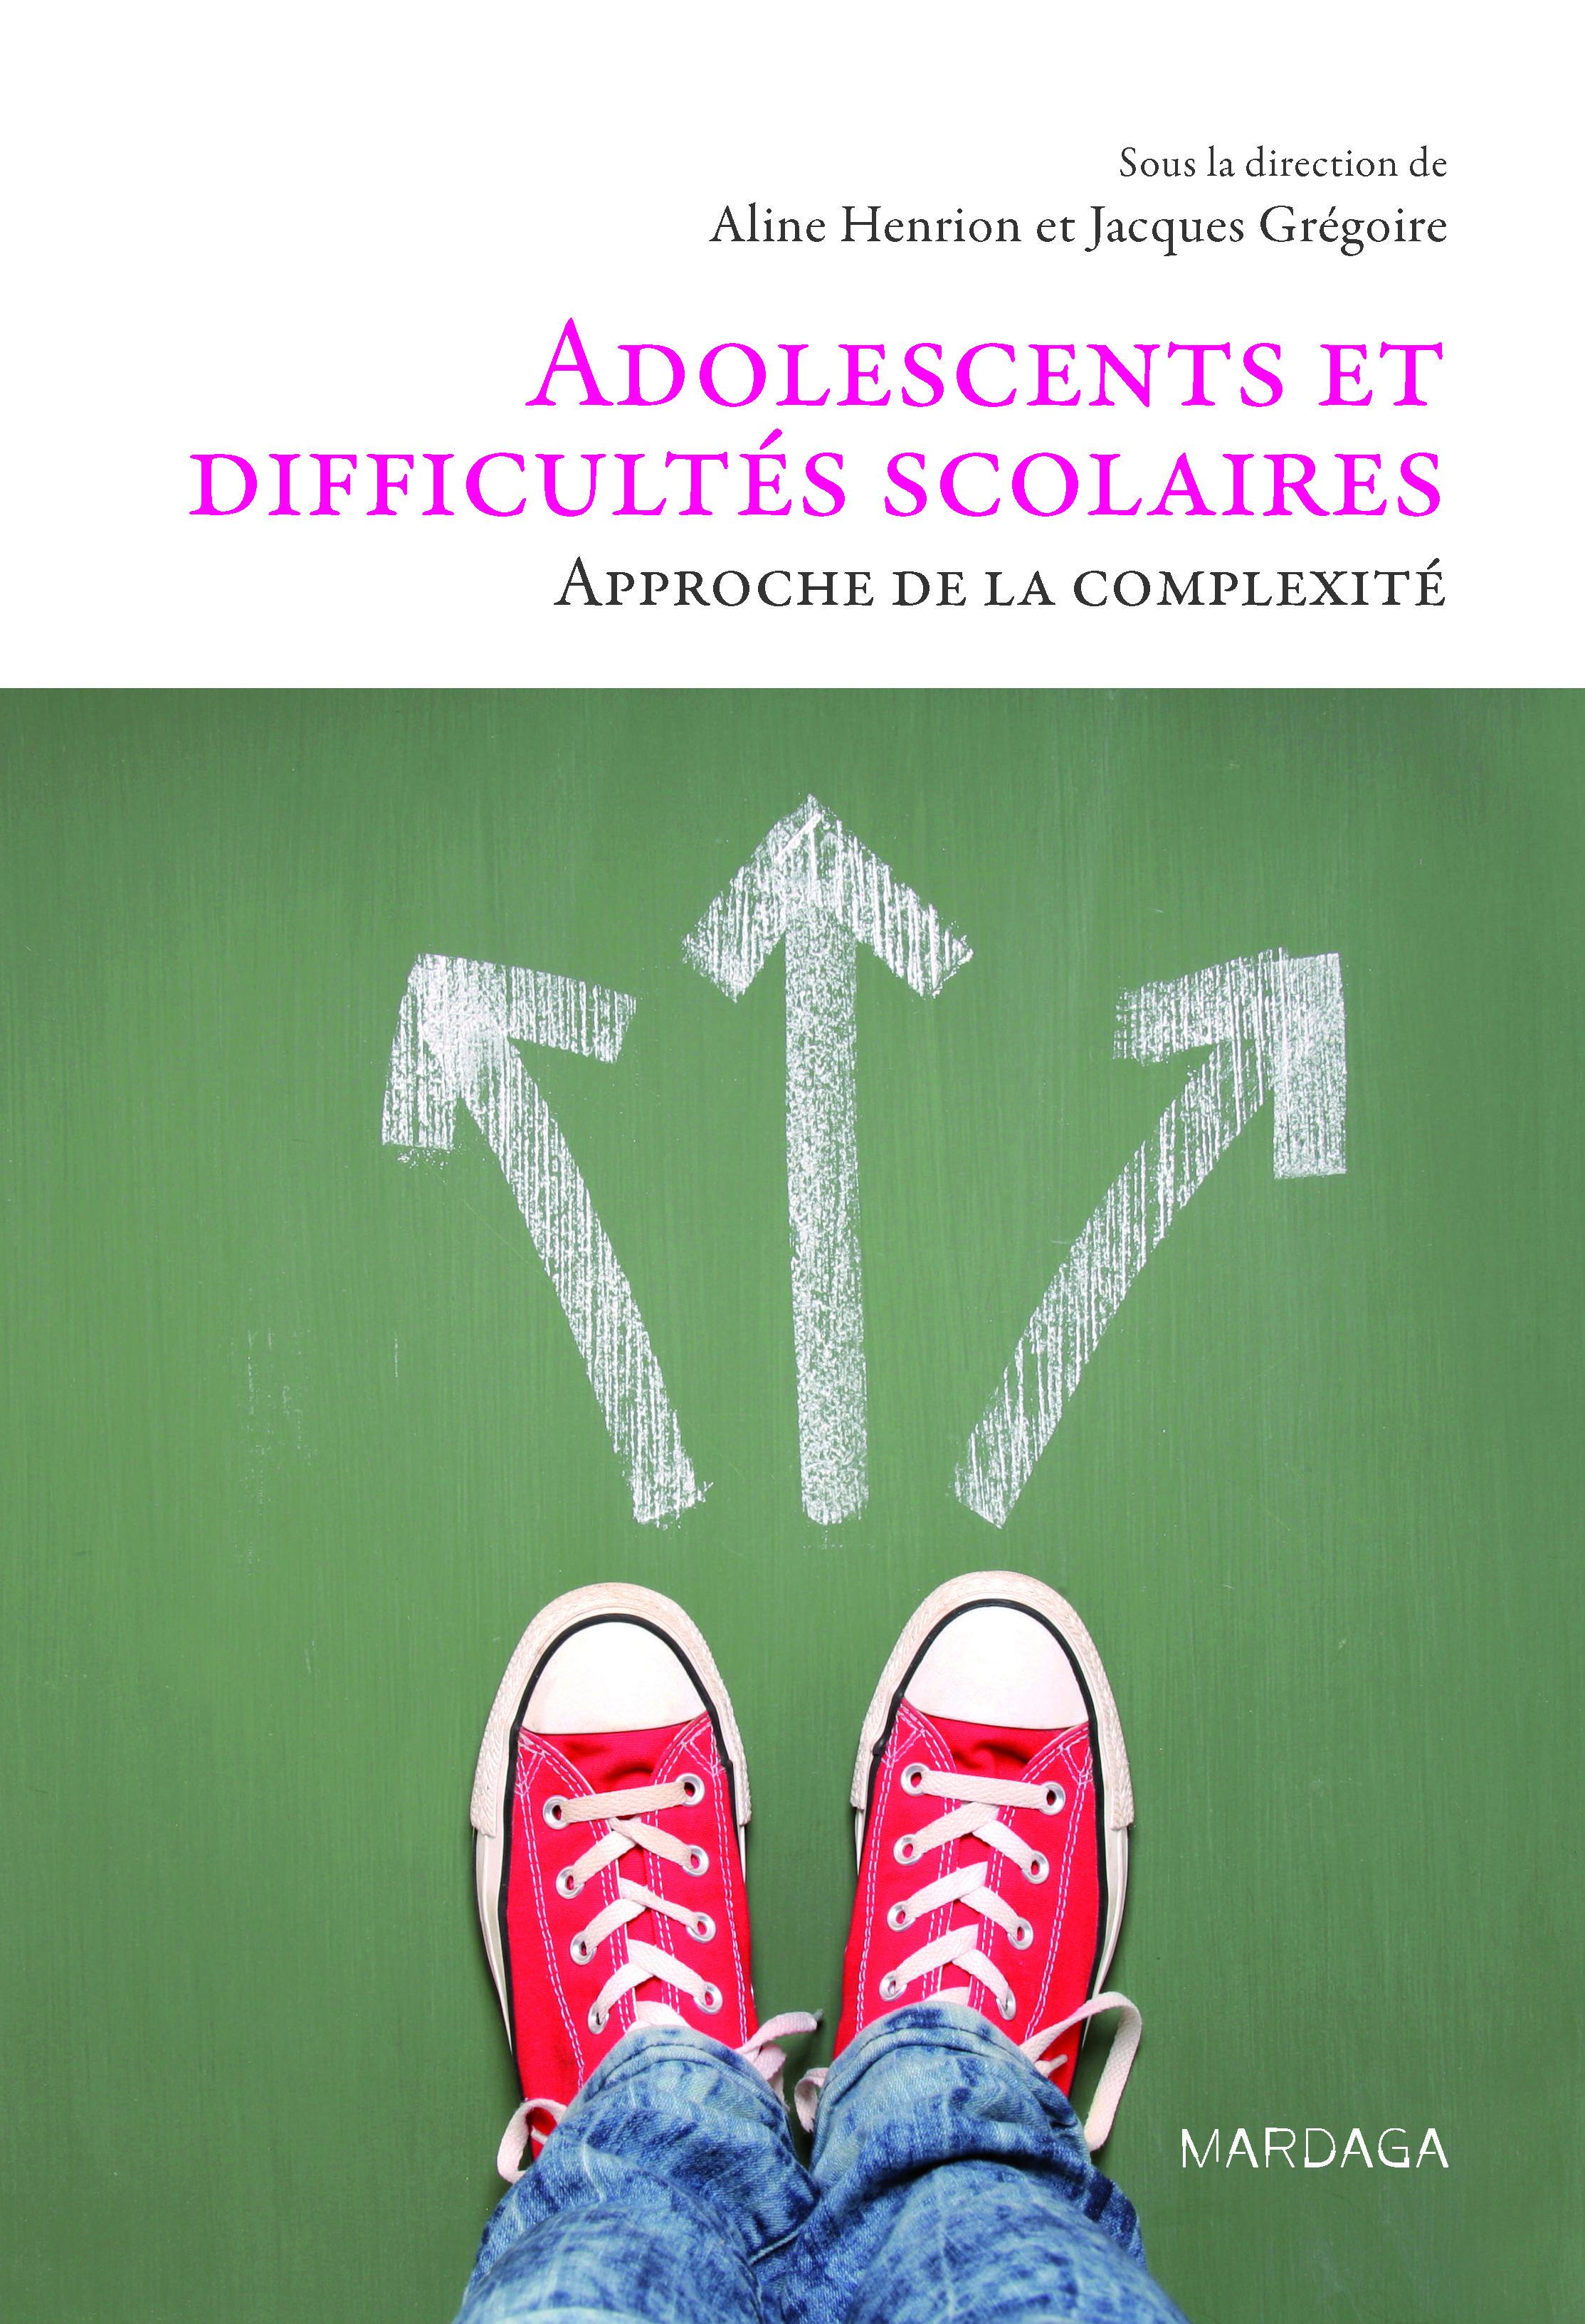 Adolescents Et Difficultes Scolaires Aline Henrion Et